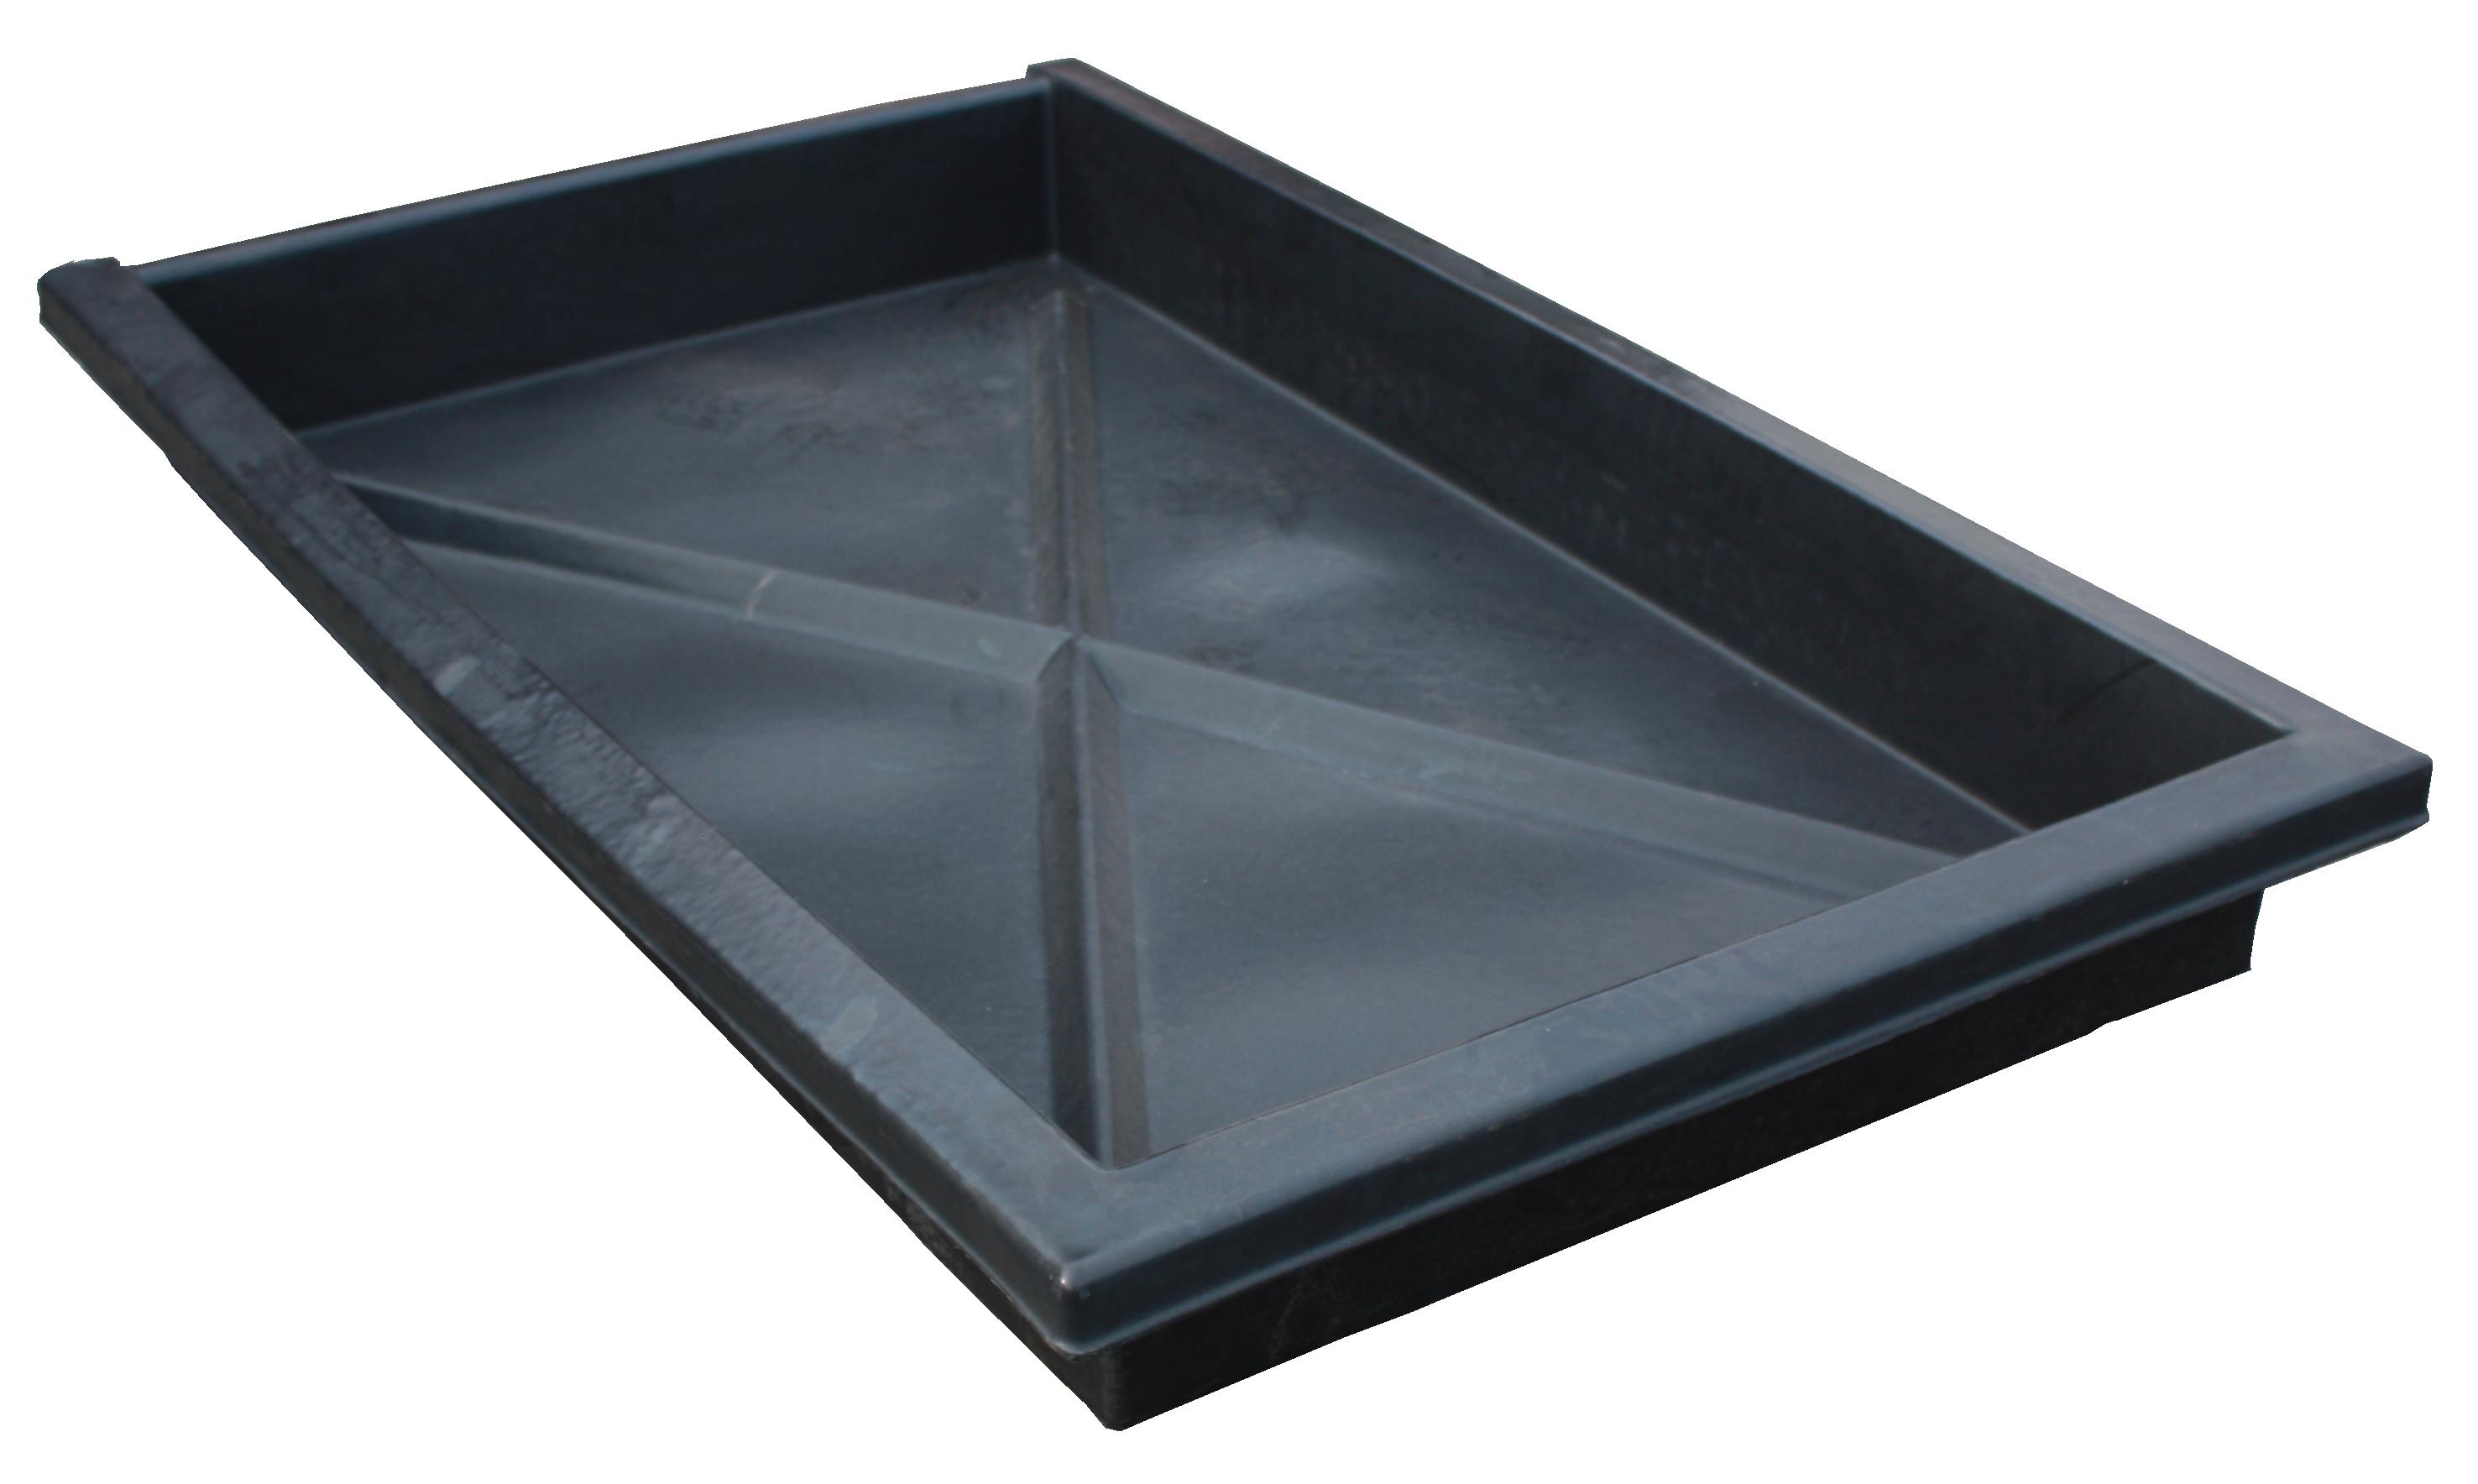 Sturdy Wide Drip Tray